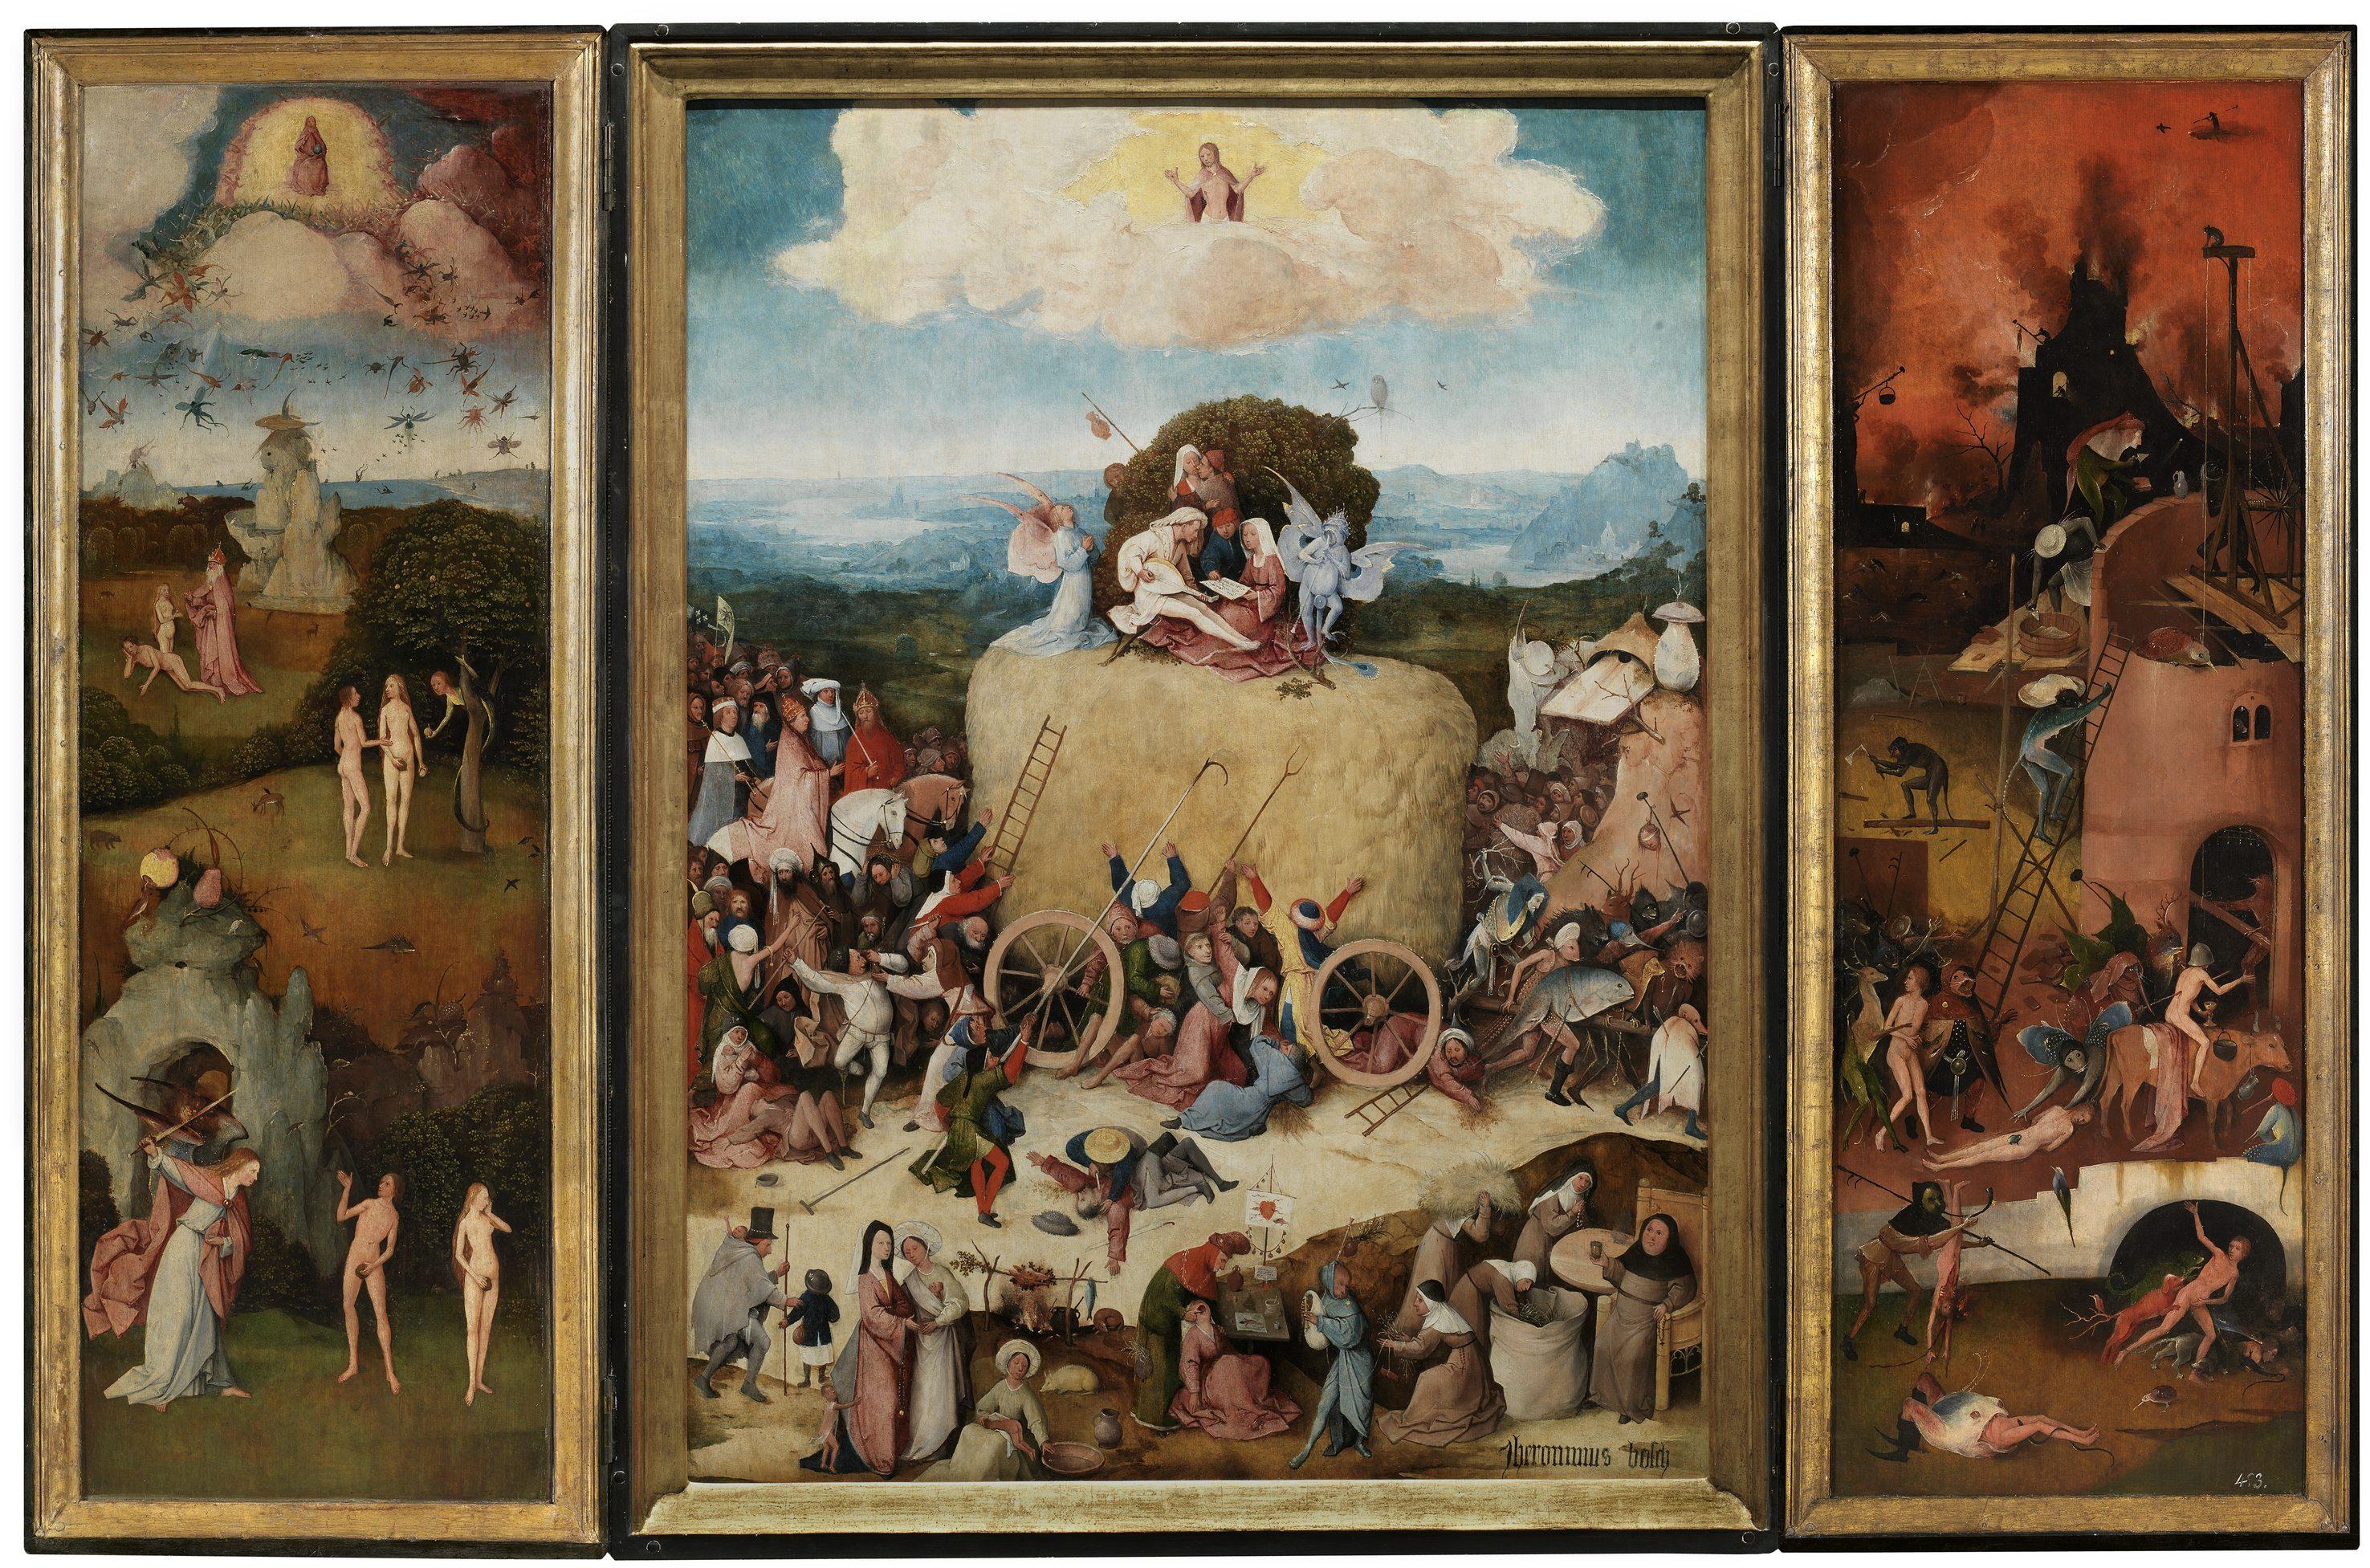 Tríptico del carro de heno. El Bosco. Óleo sobre tabla, 133 x 100 cm (tabla central); 136,1 x 47,7 (tabla izquierda); 136,1 x 47,6 cm (tabla derecha) h. 1512-15 Madrid, Museo Nacional del Prado